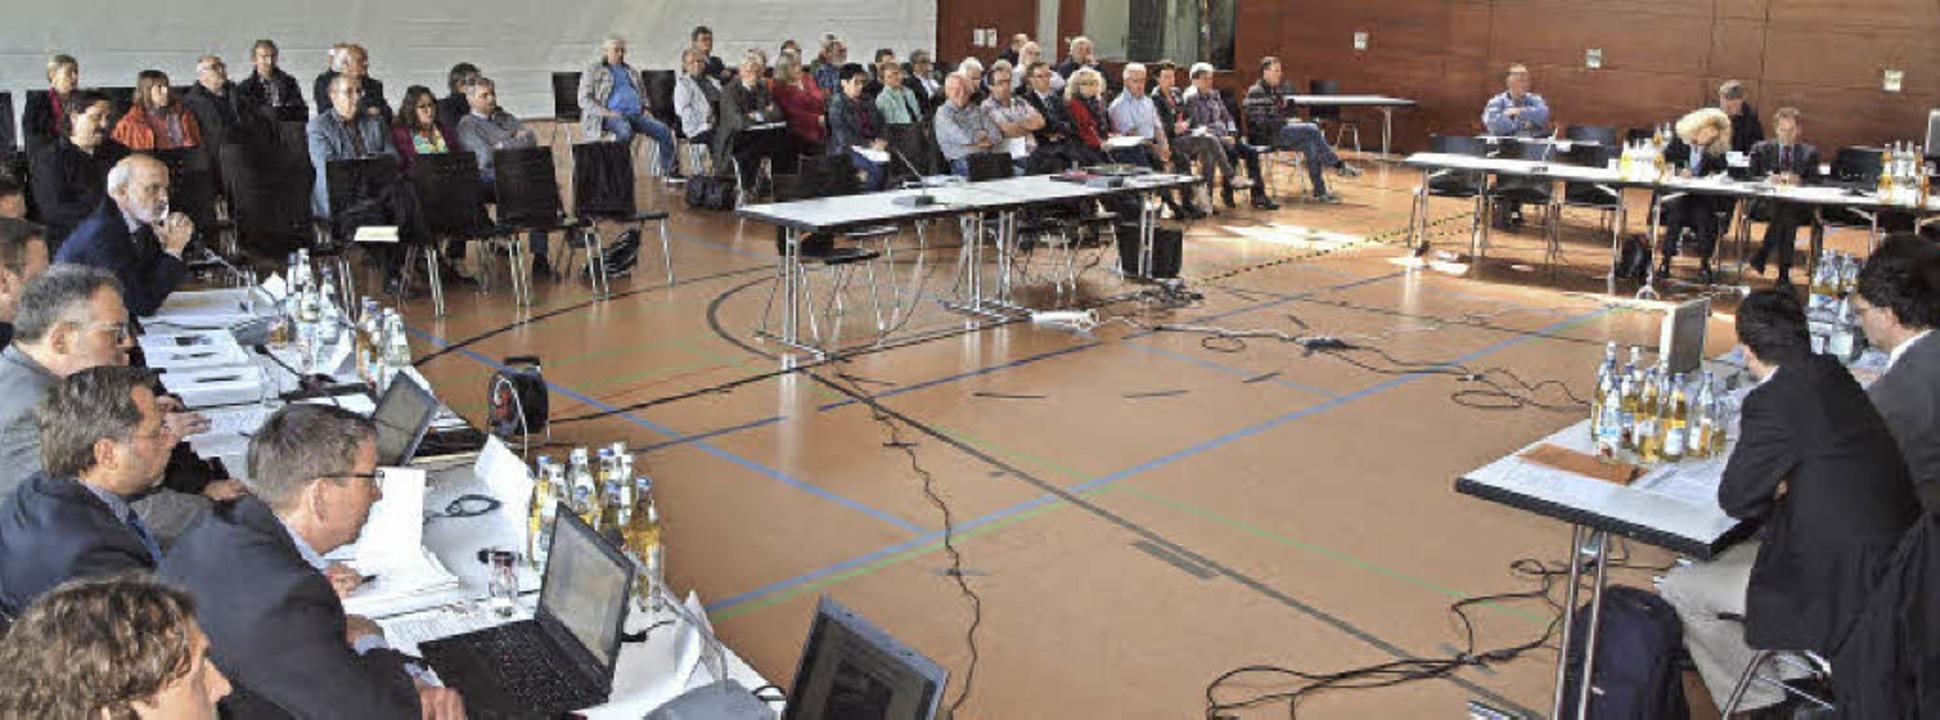 Erörterungstermin zur Elektrifizierung...102 Einwendungen lagen auf dem Tisch.   | Foto: Michael Haberer